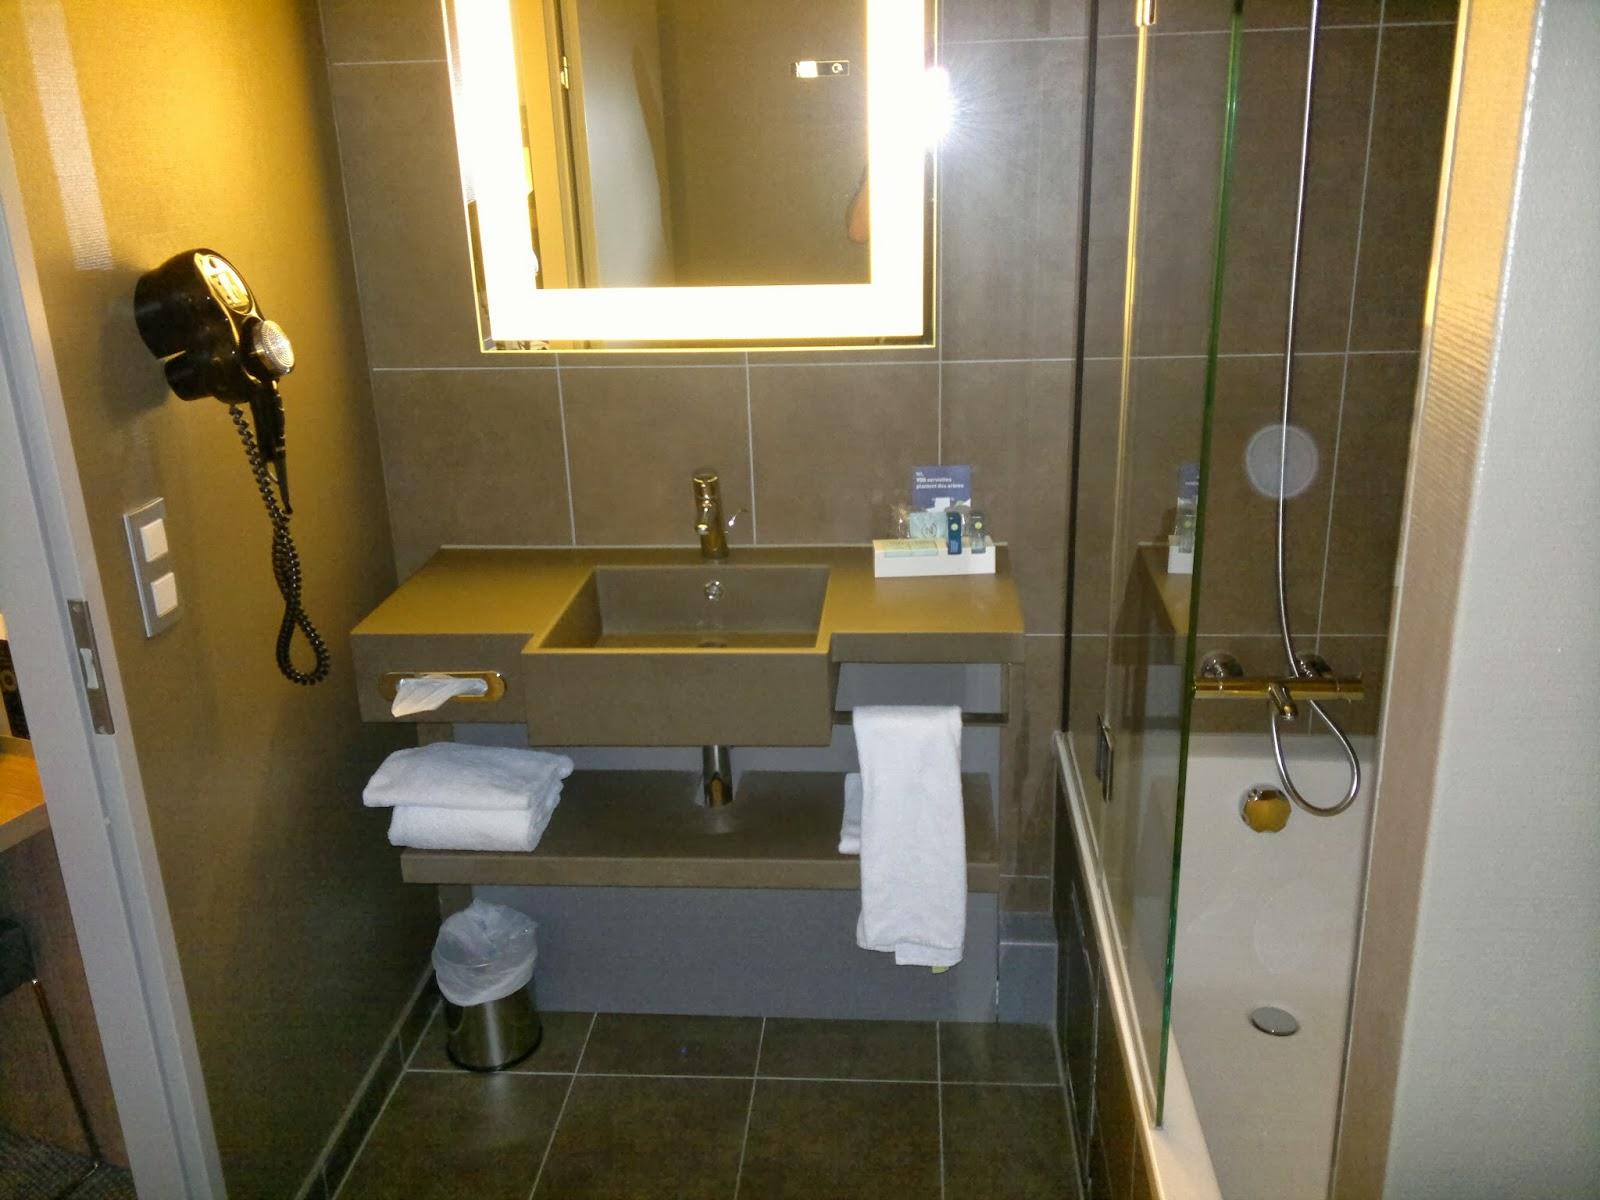 banheira apesar de pequeno era muito limpo e funcional perfeito para #C08C0B 1600x1200 Banheira Para Banheiro Muito Pequeno